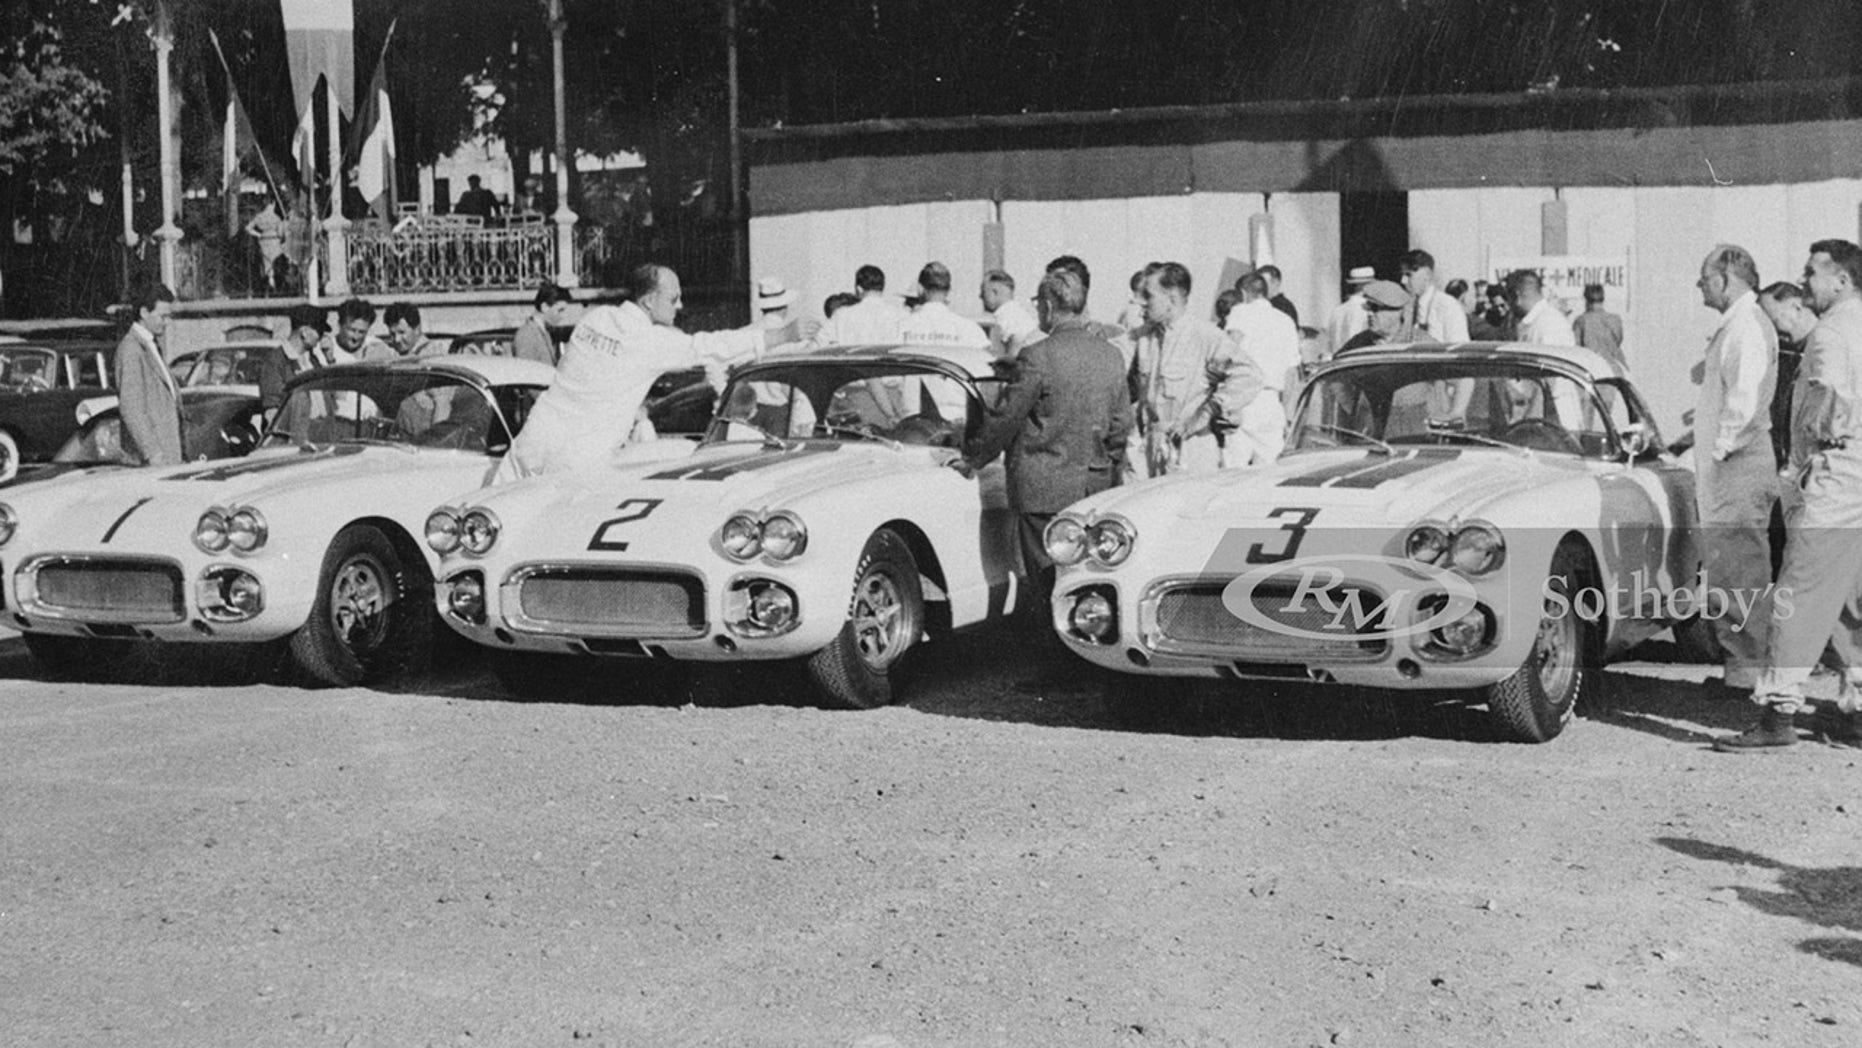 1960 Chevrolet Corvette Racecar